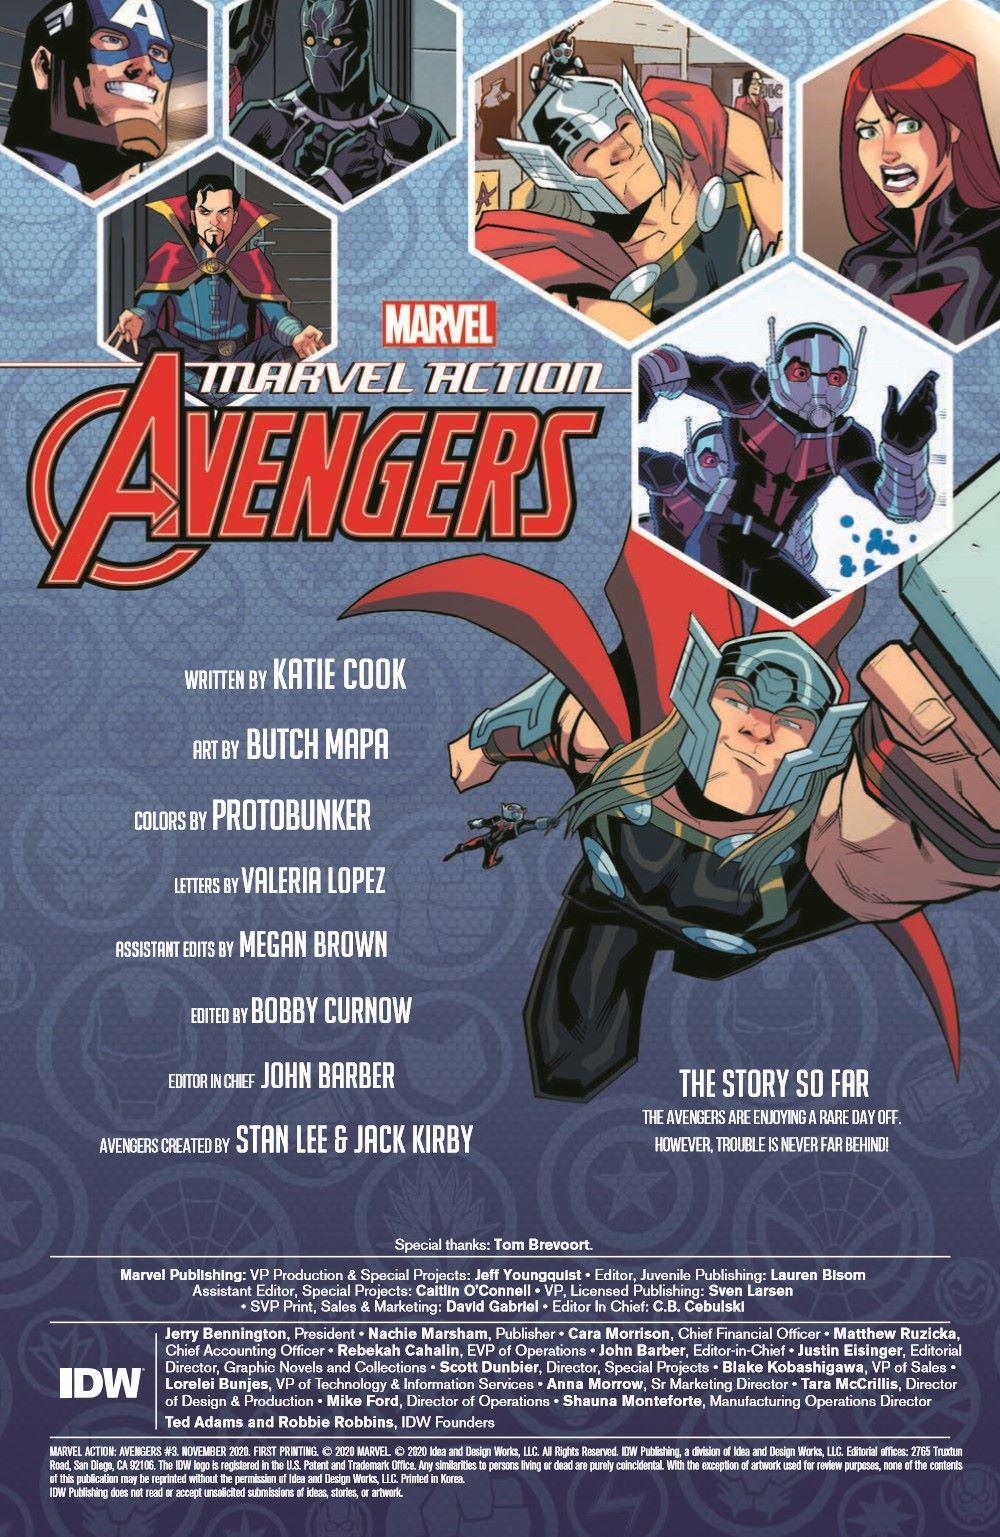 Marvel_Avengers_03_pr-2 ComicList Previews: MARVEL ACTION AVENGERS VOLUME 2 #3